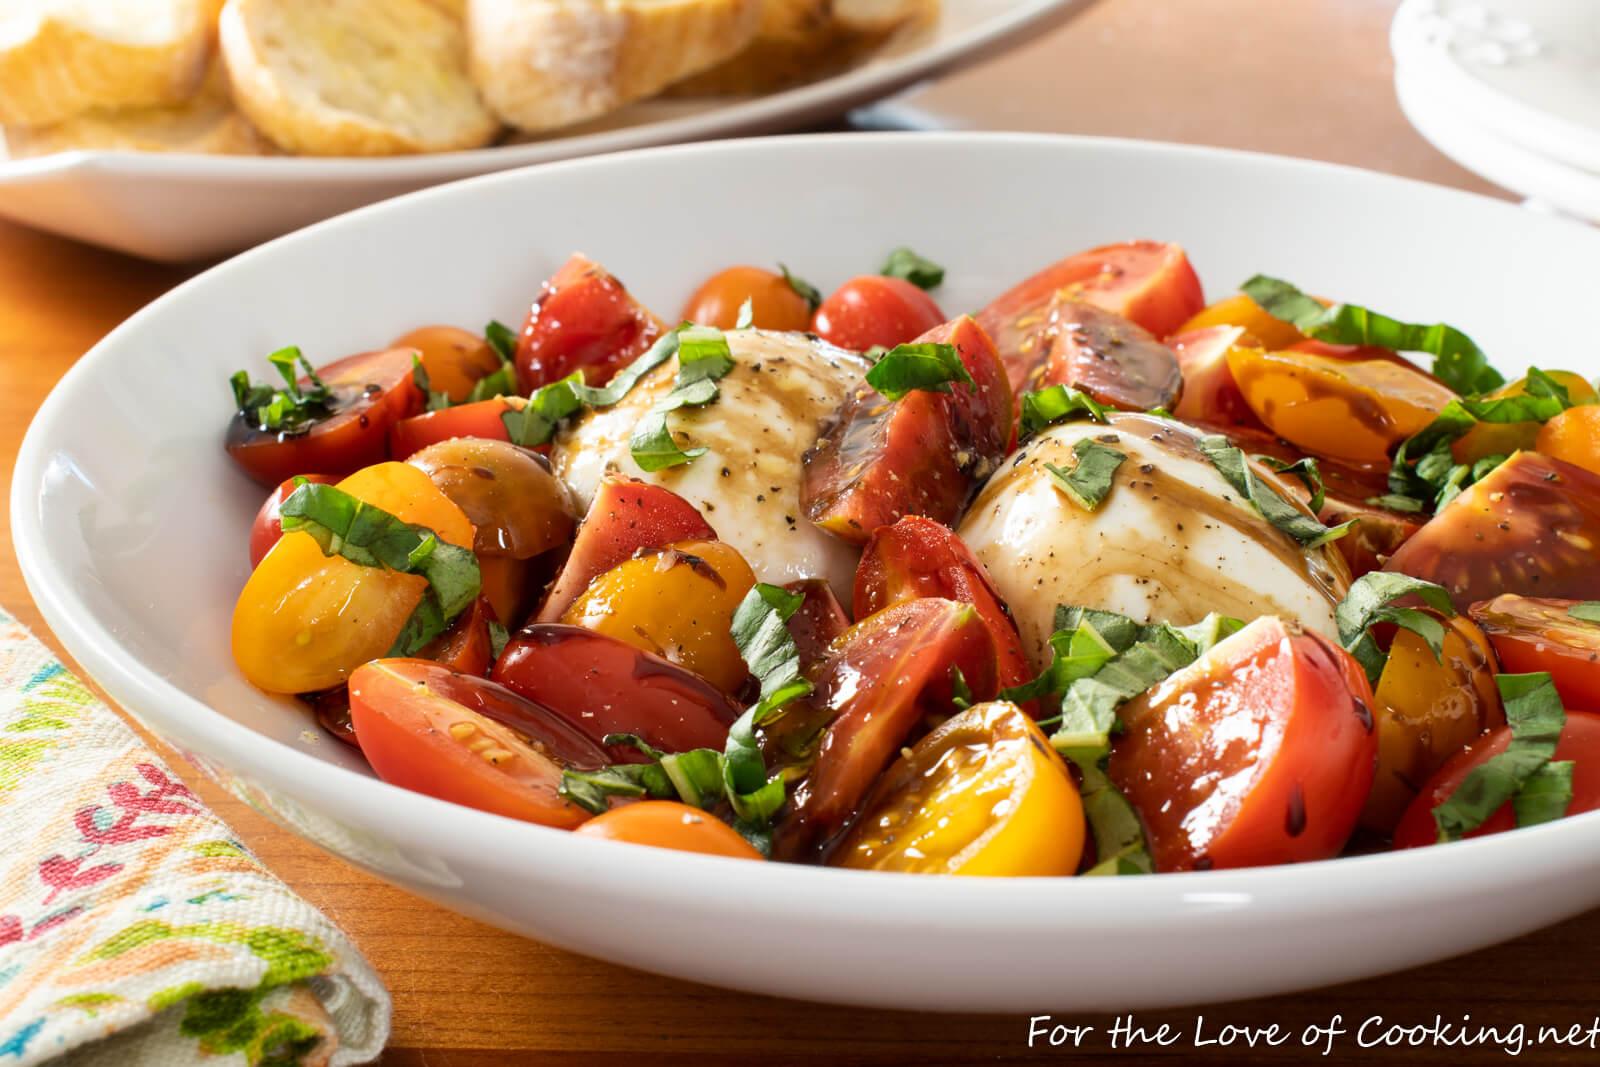 Tomatoes and Burrata